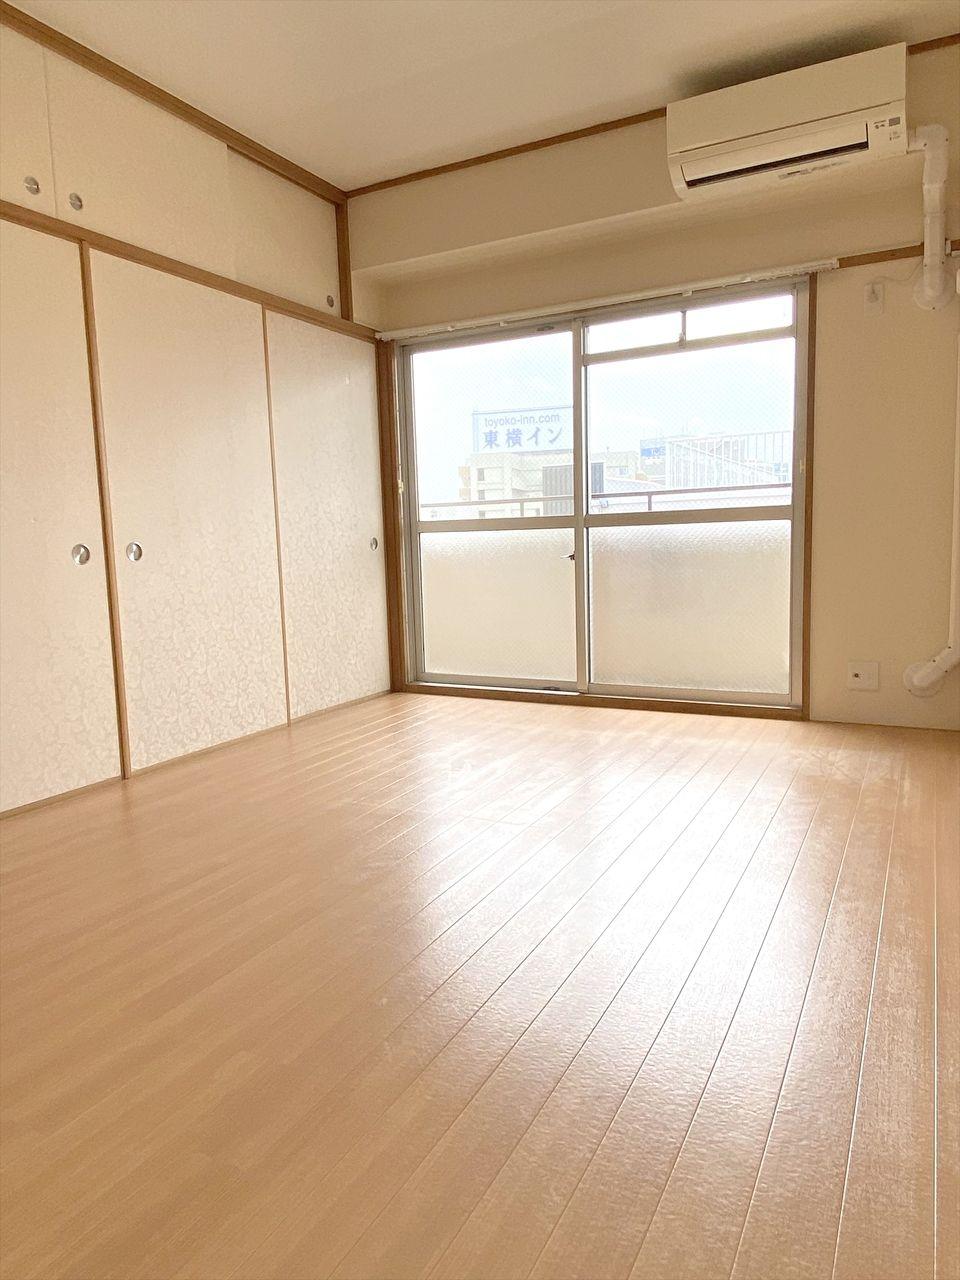 和室を洋室にリフォームしたお部屋です。2帖分の大きな収納があり便利です